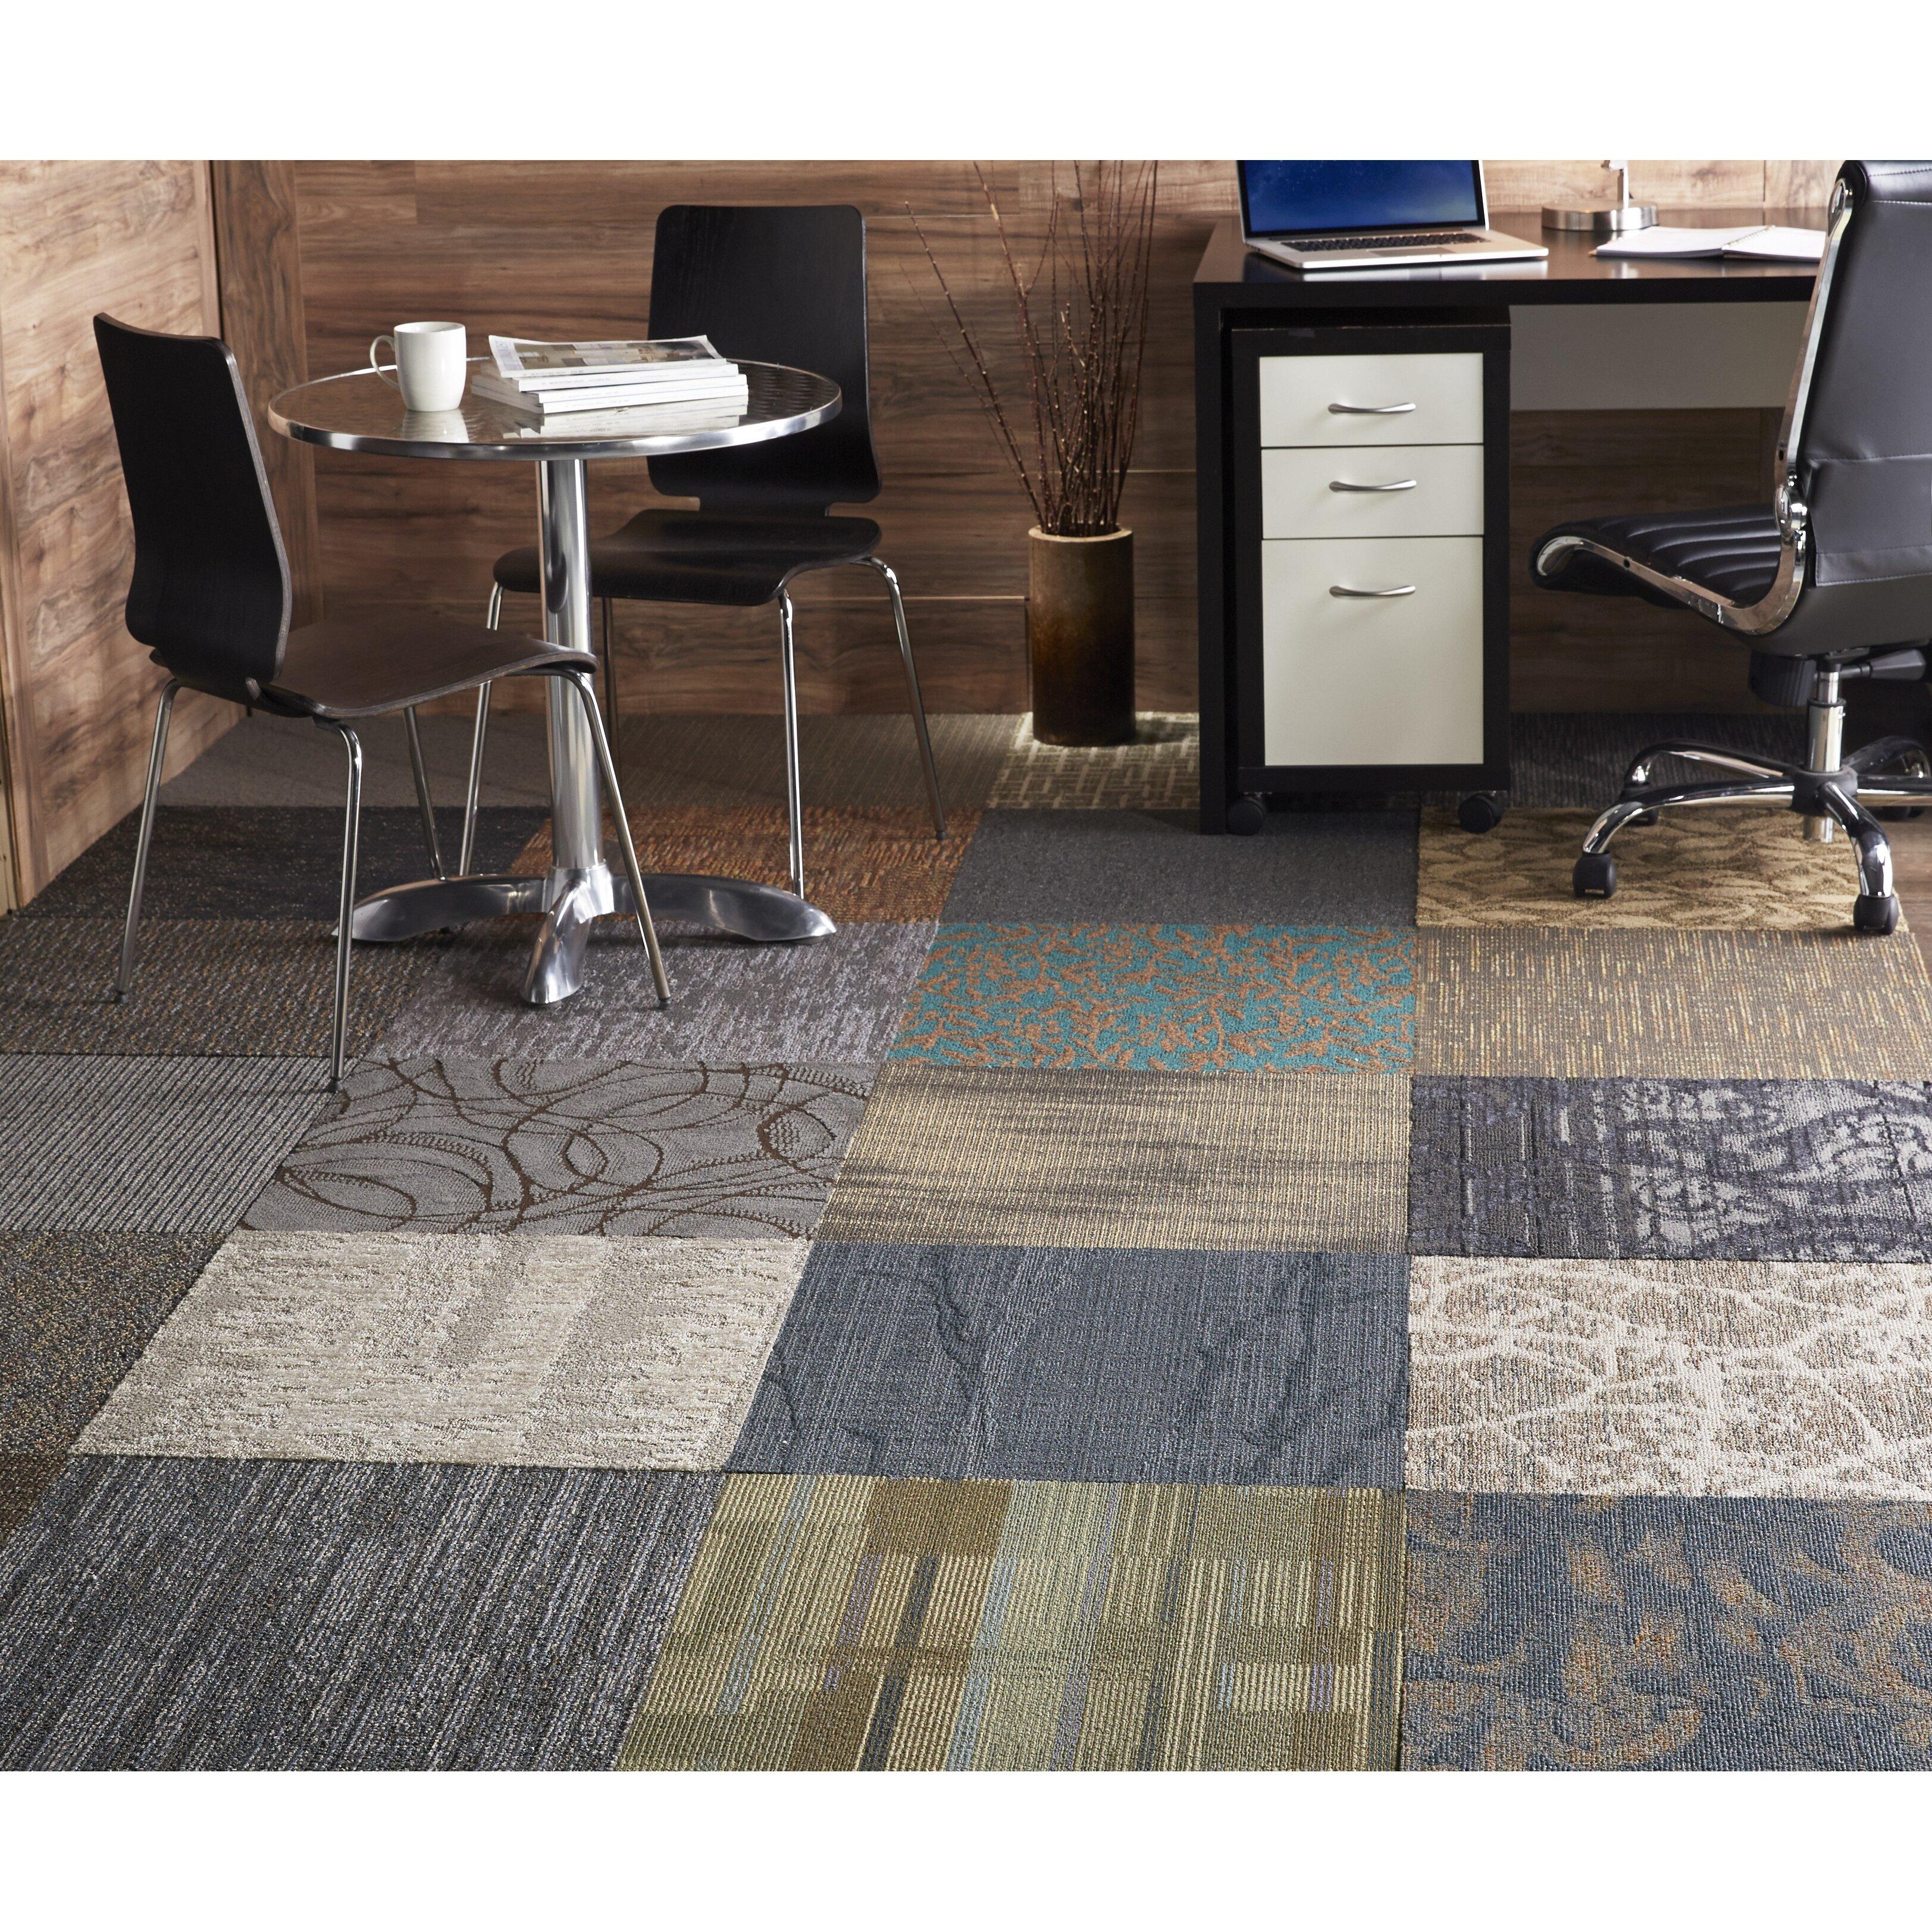 2x2 carpet tile calculator carpet vidalondon carpet tiles reviews vidalondon nance industries orted l and stick 24 x 24 baanklon Image collections